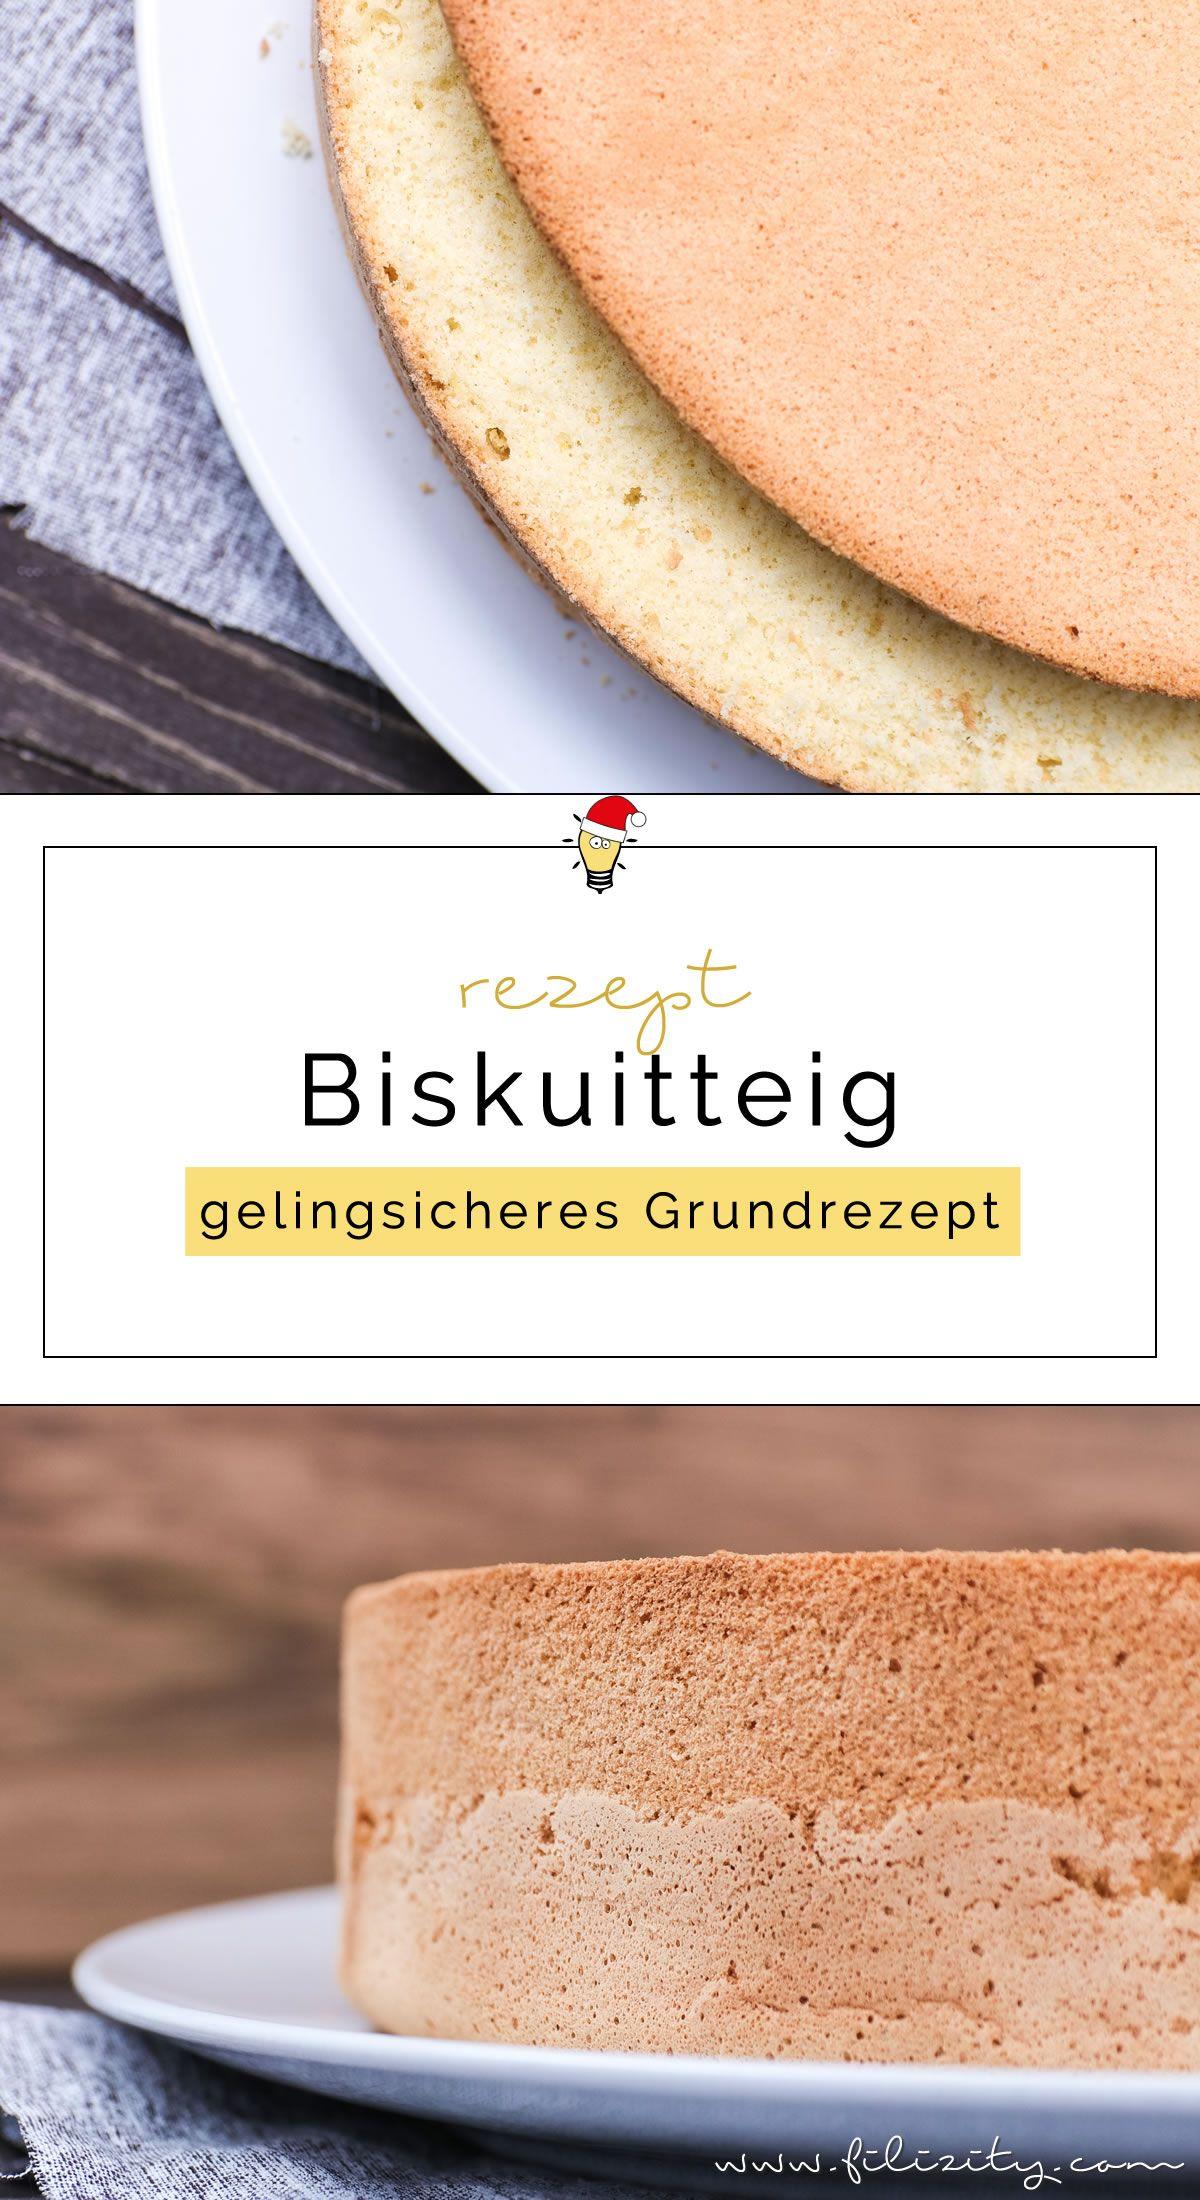 Gelingsicheres Biskuitteig Rezept für Torten & Desserts | Filizity.com | Food-Blog aus dem Rheinland